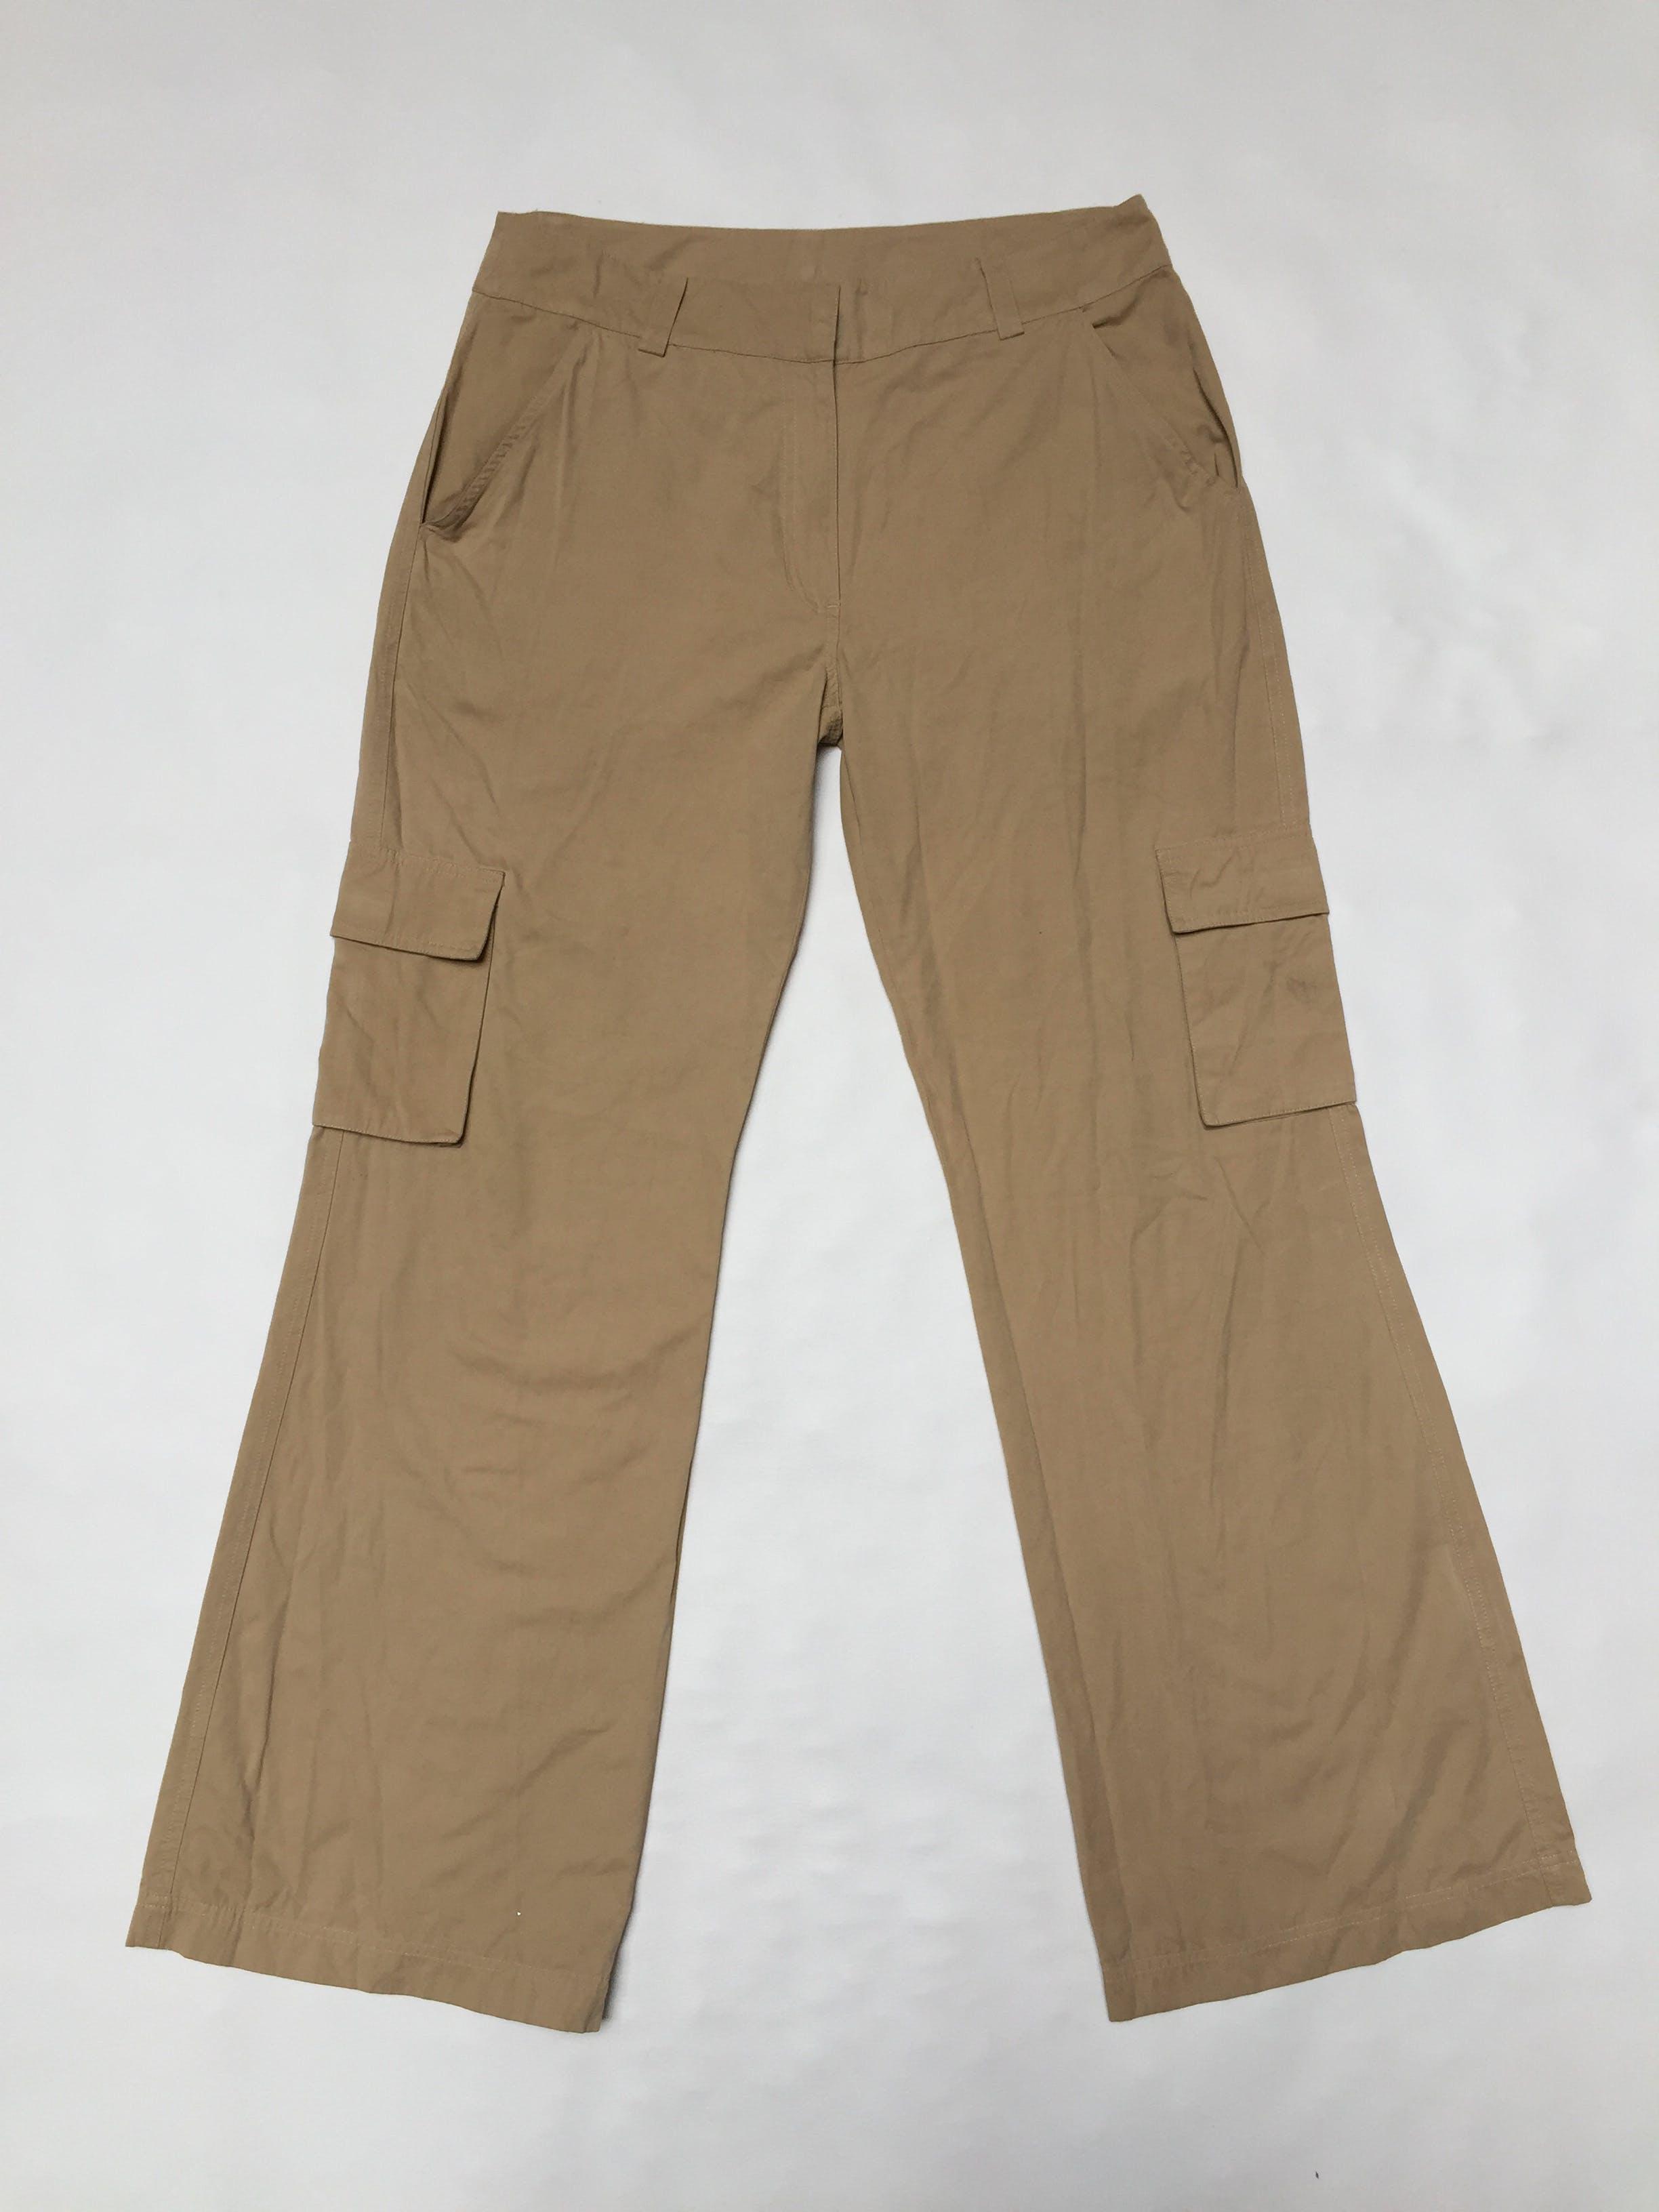 Pantalón cargo beige, 32% algodón, corte recto Talla XL